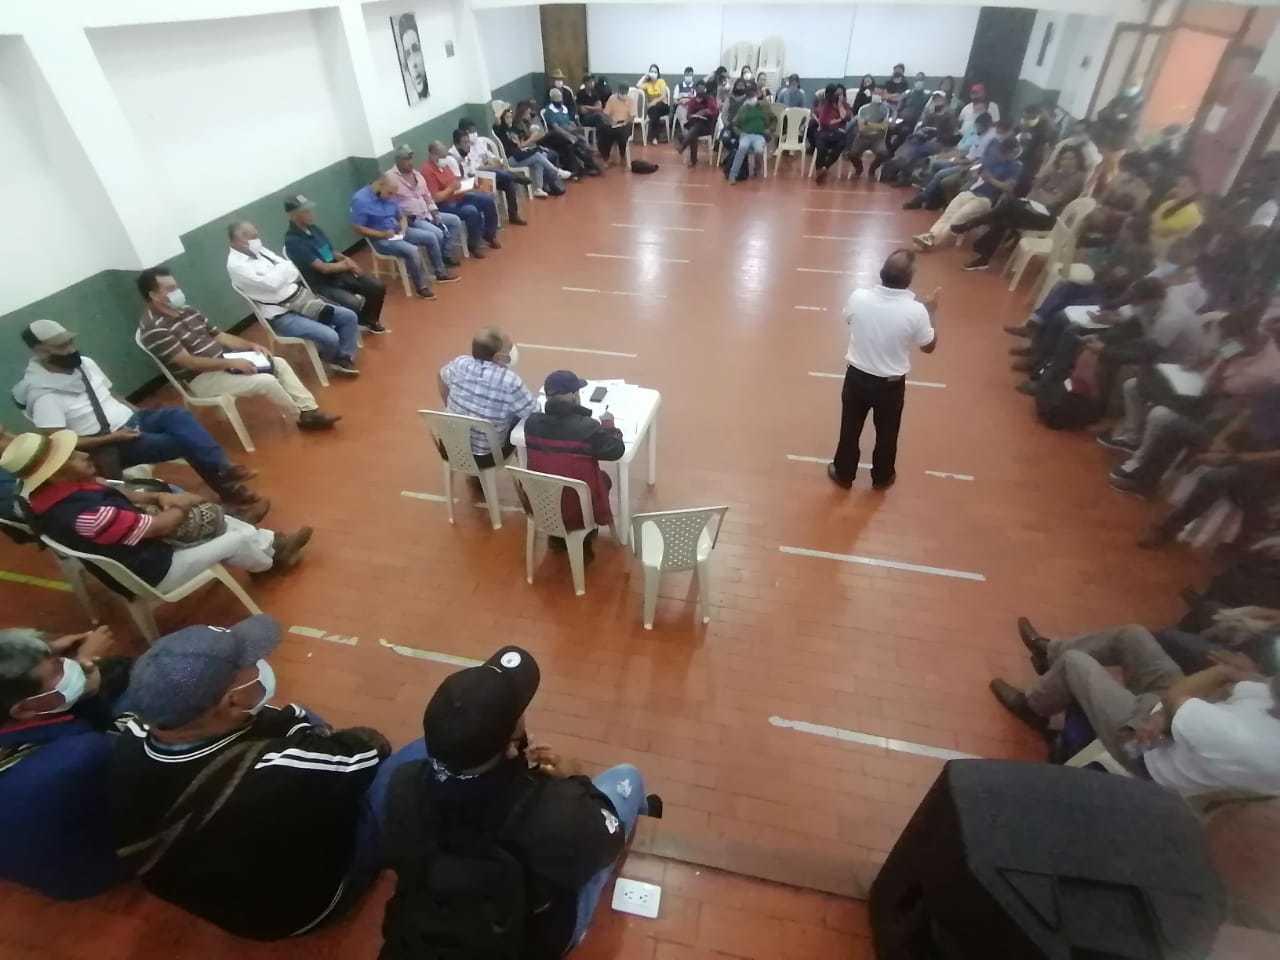 Colombia hoy: Paro Nacional Colombia 2021: Resumen y últimas noticias del 10 de mayo; así fueron las marchas y enfrentamientos en Bogotá, Cali y Medellín 3